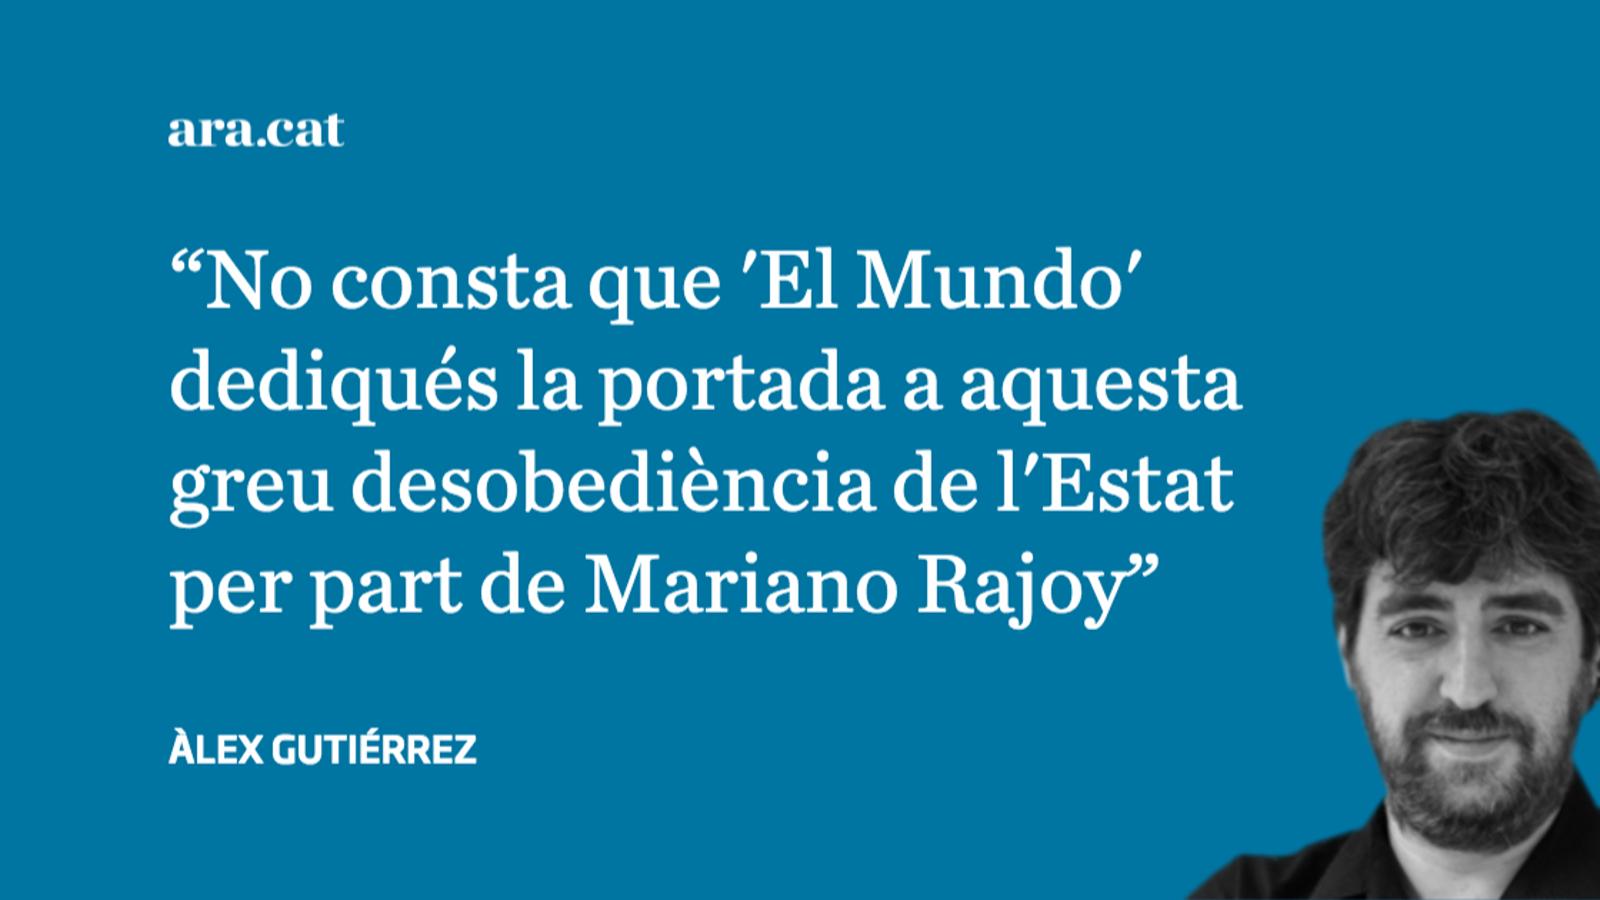 On era 'El Mundo' amb els incompliments del TC de Mariano Rajoy?